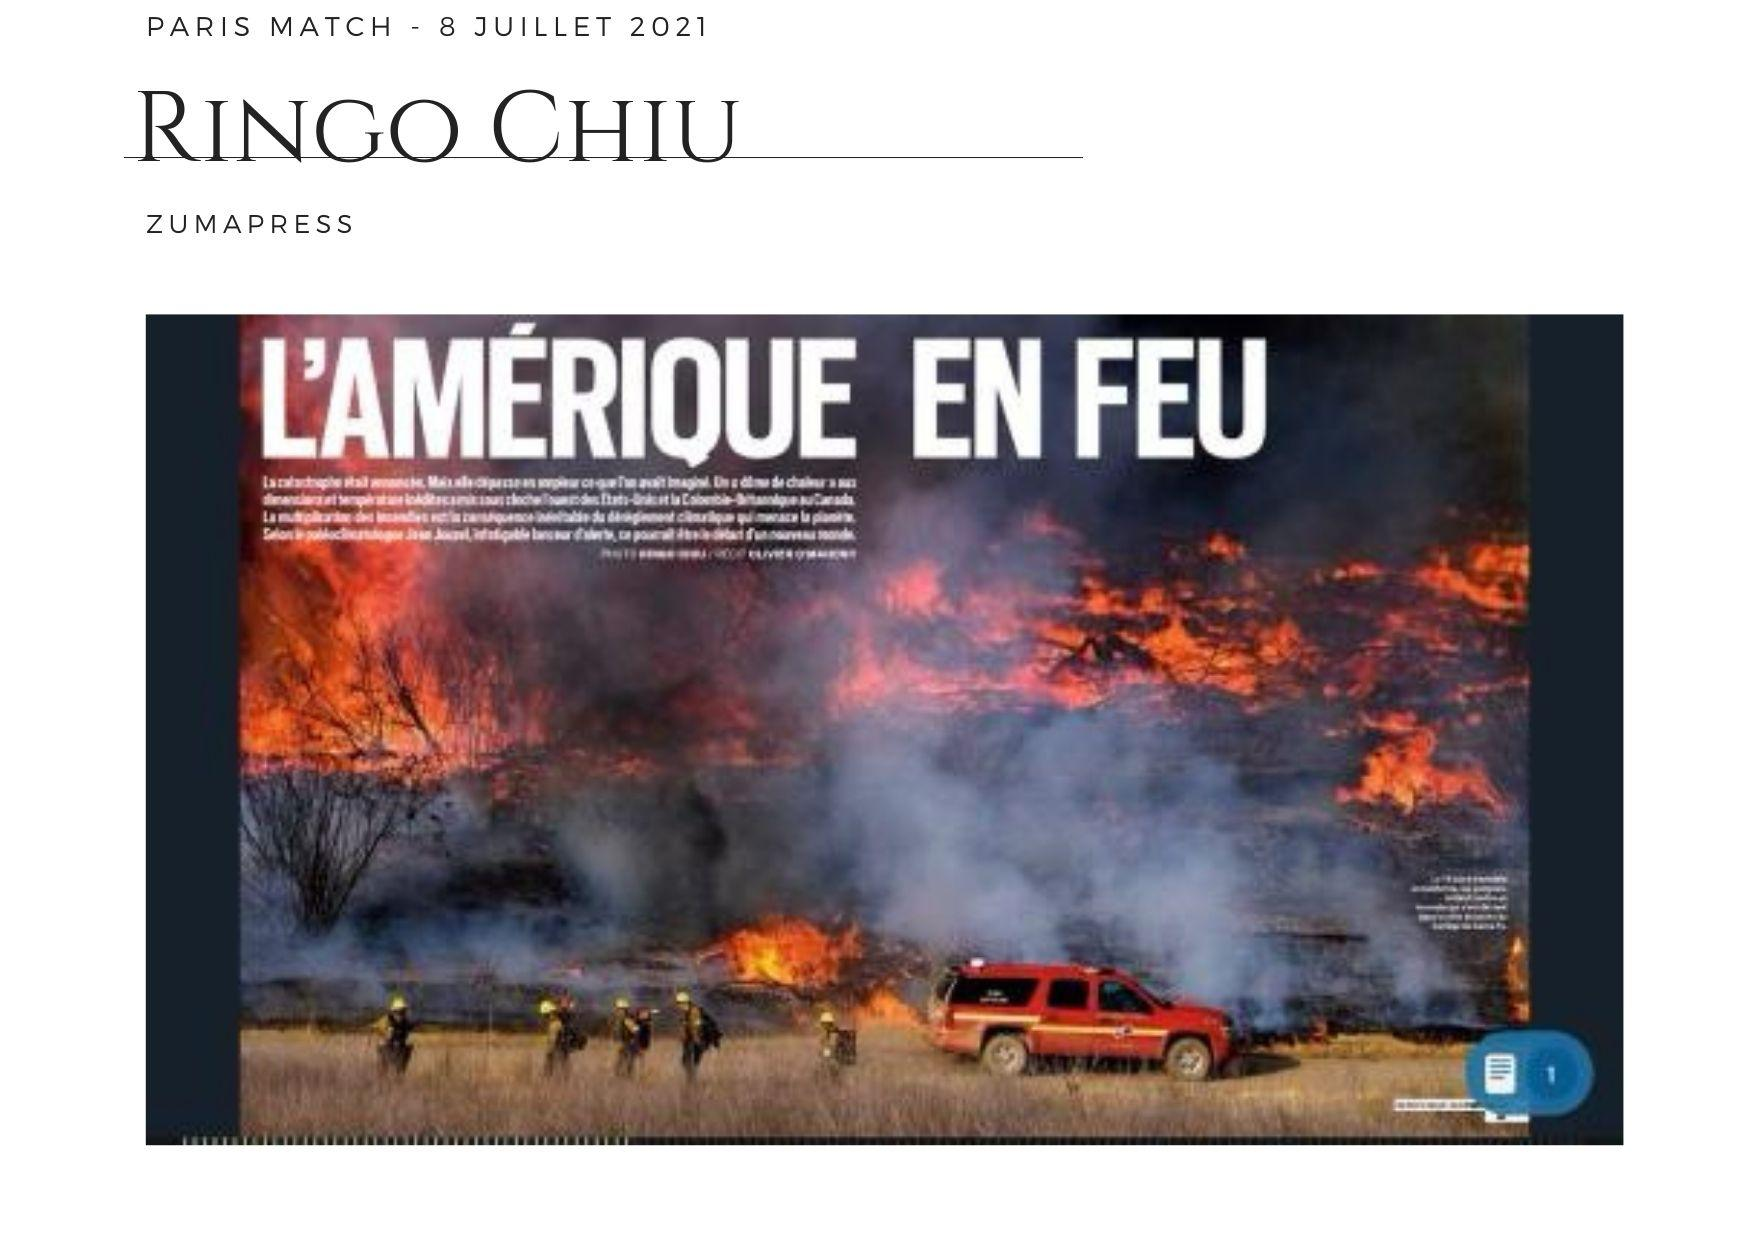 Paris Match - 8 juillet 2021